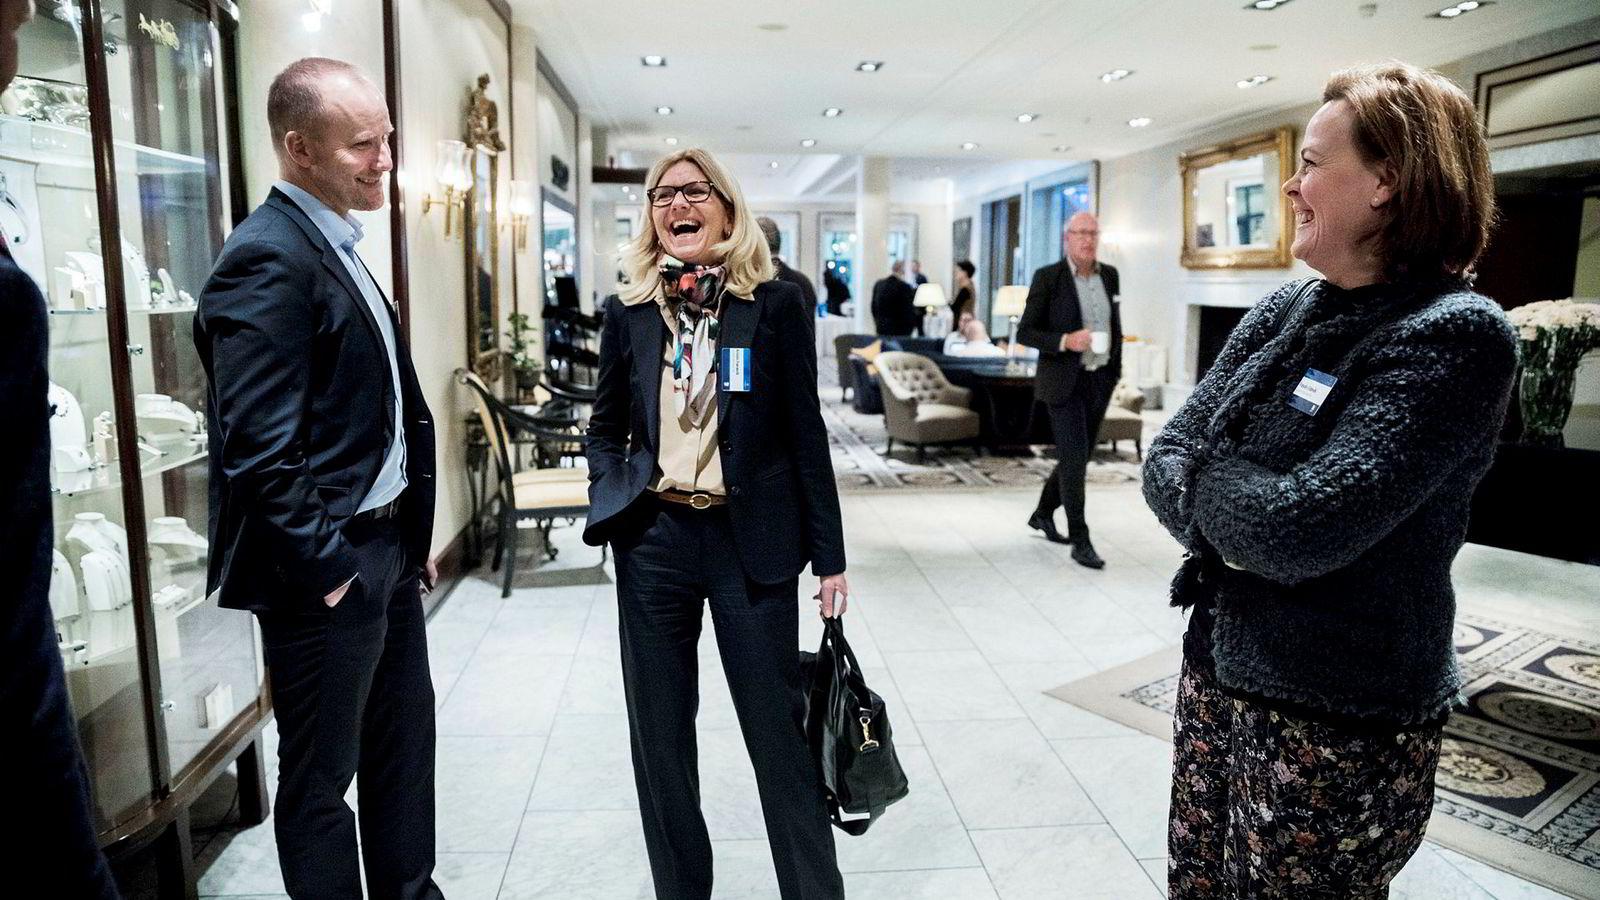 Leder i Lundin Norway, Kristin Færøvik (i midten), møtte Statoils Sverdrup-utbyggingssjef Kjetel Digre i gangen under Sandefjord-seminaret denne uken. Utbyggingen er svært viktig for Lundin. Til høyre Lundin-pressesjef Frøydis Eldevik.